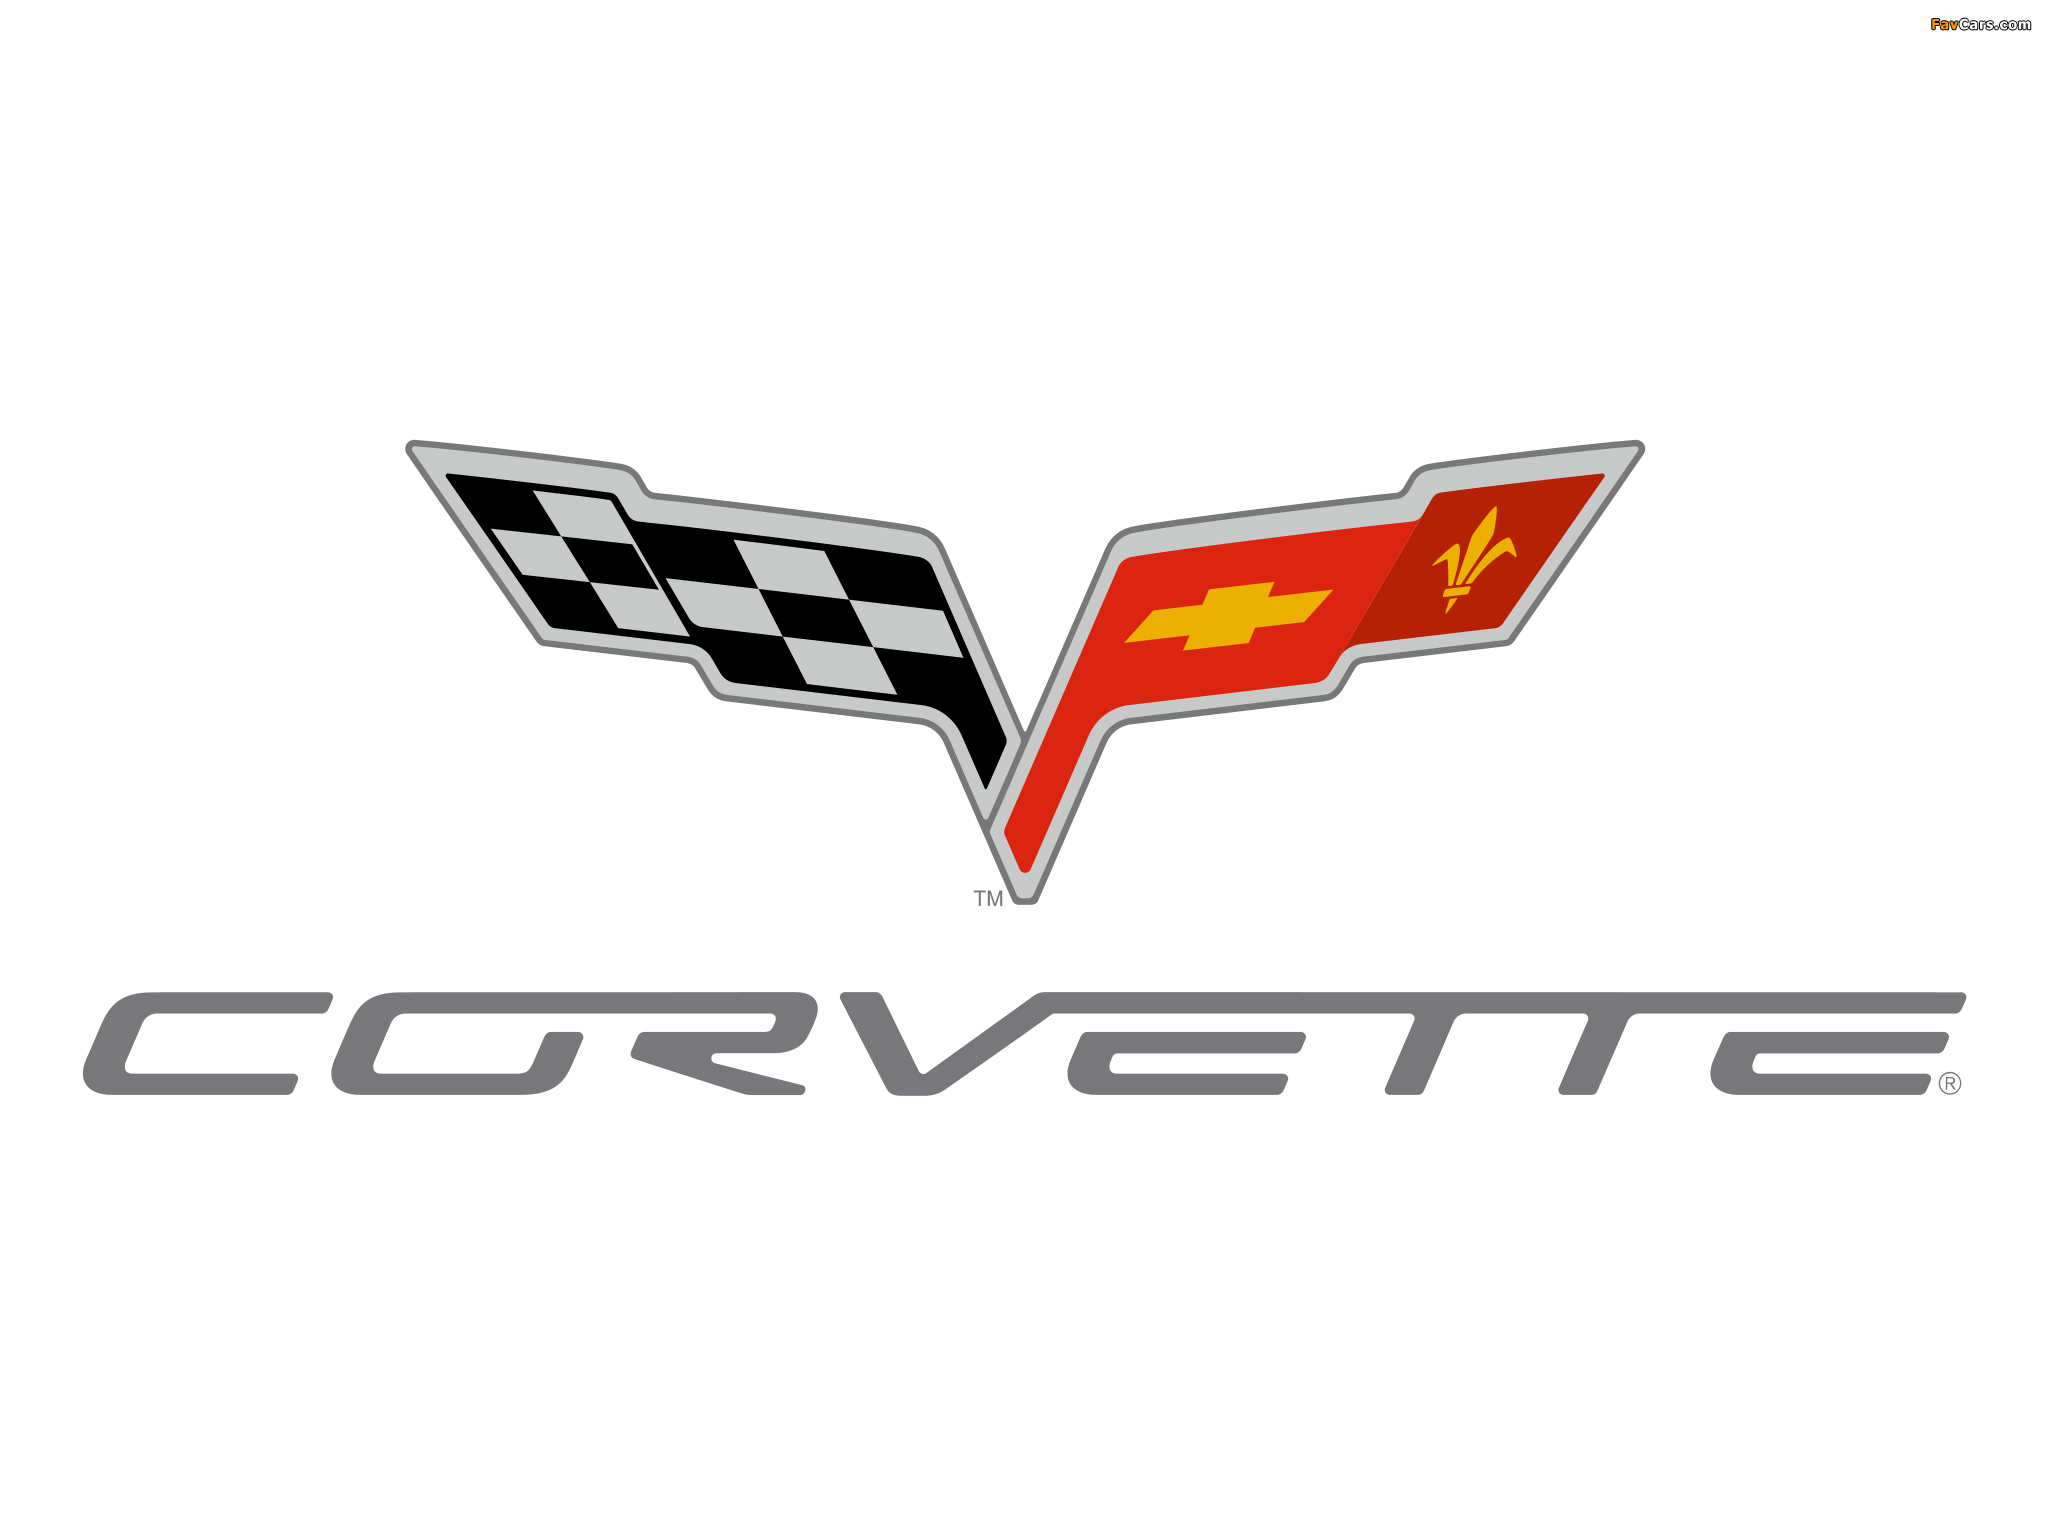 Corvette images (2048 x 1536)